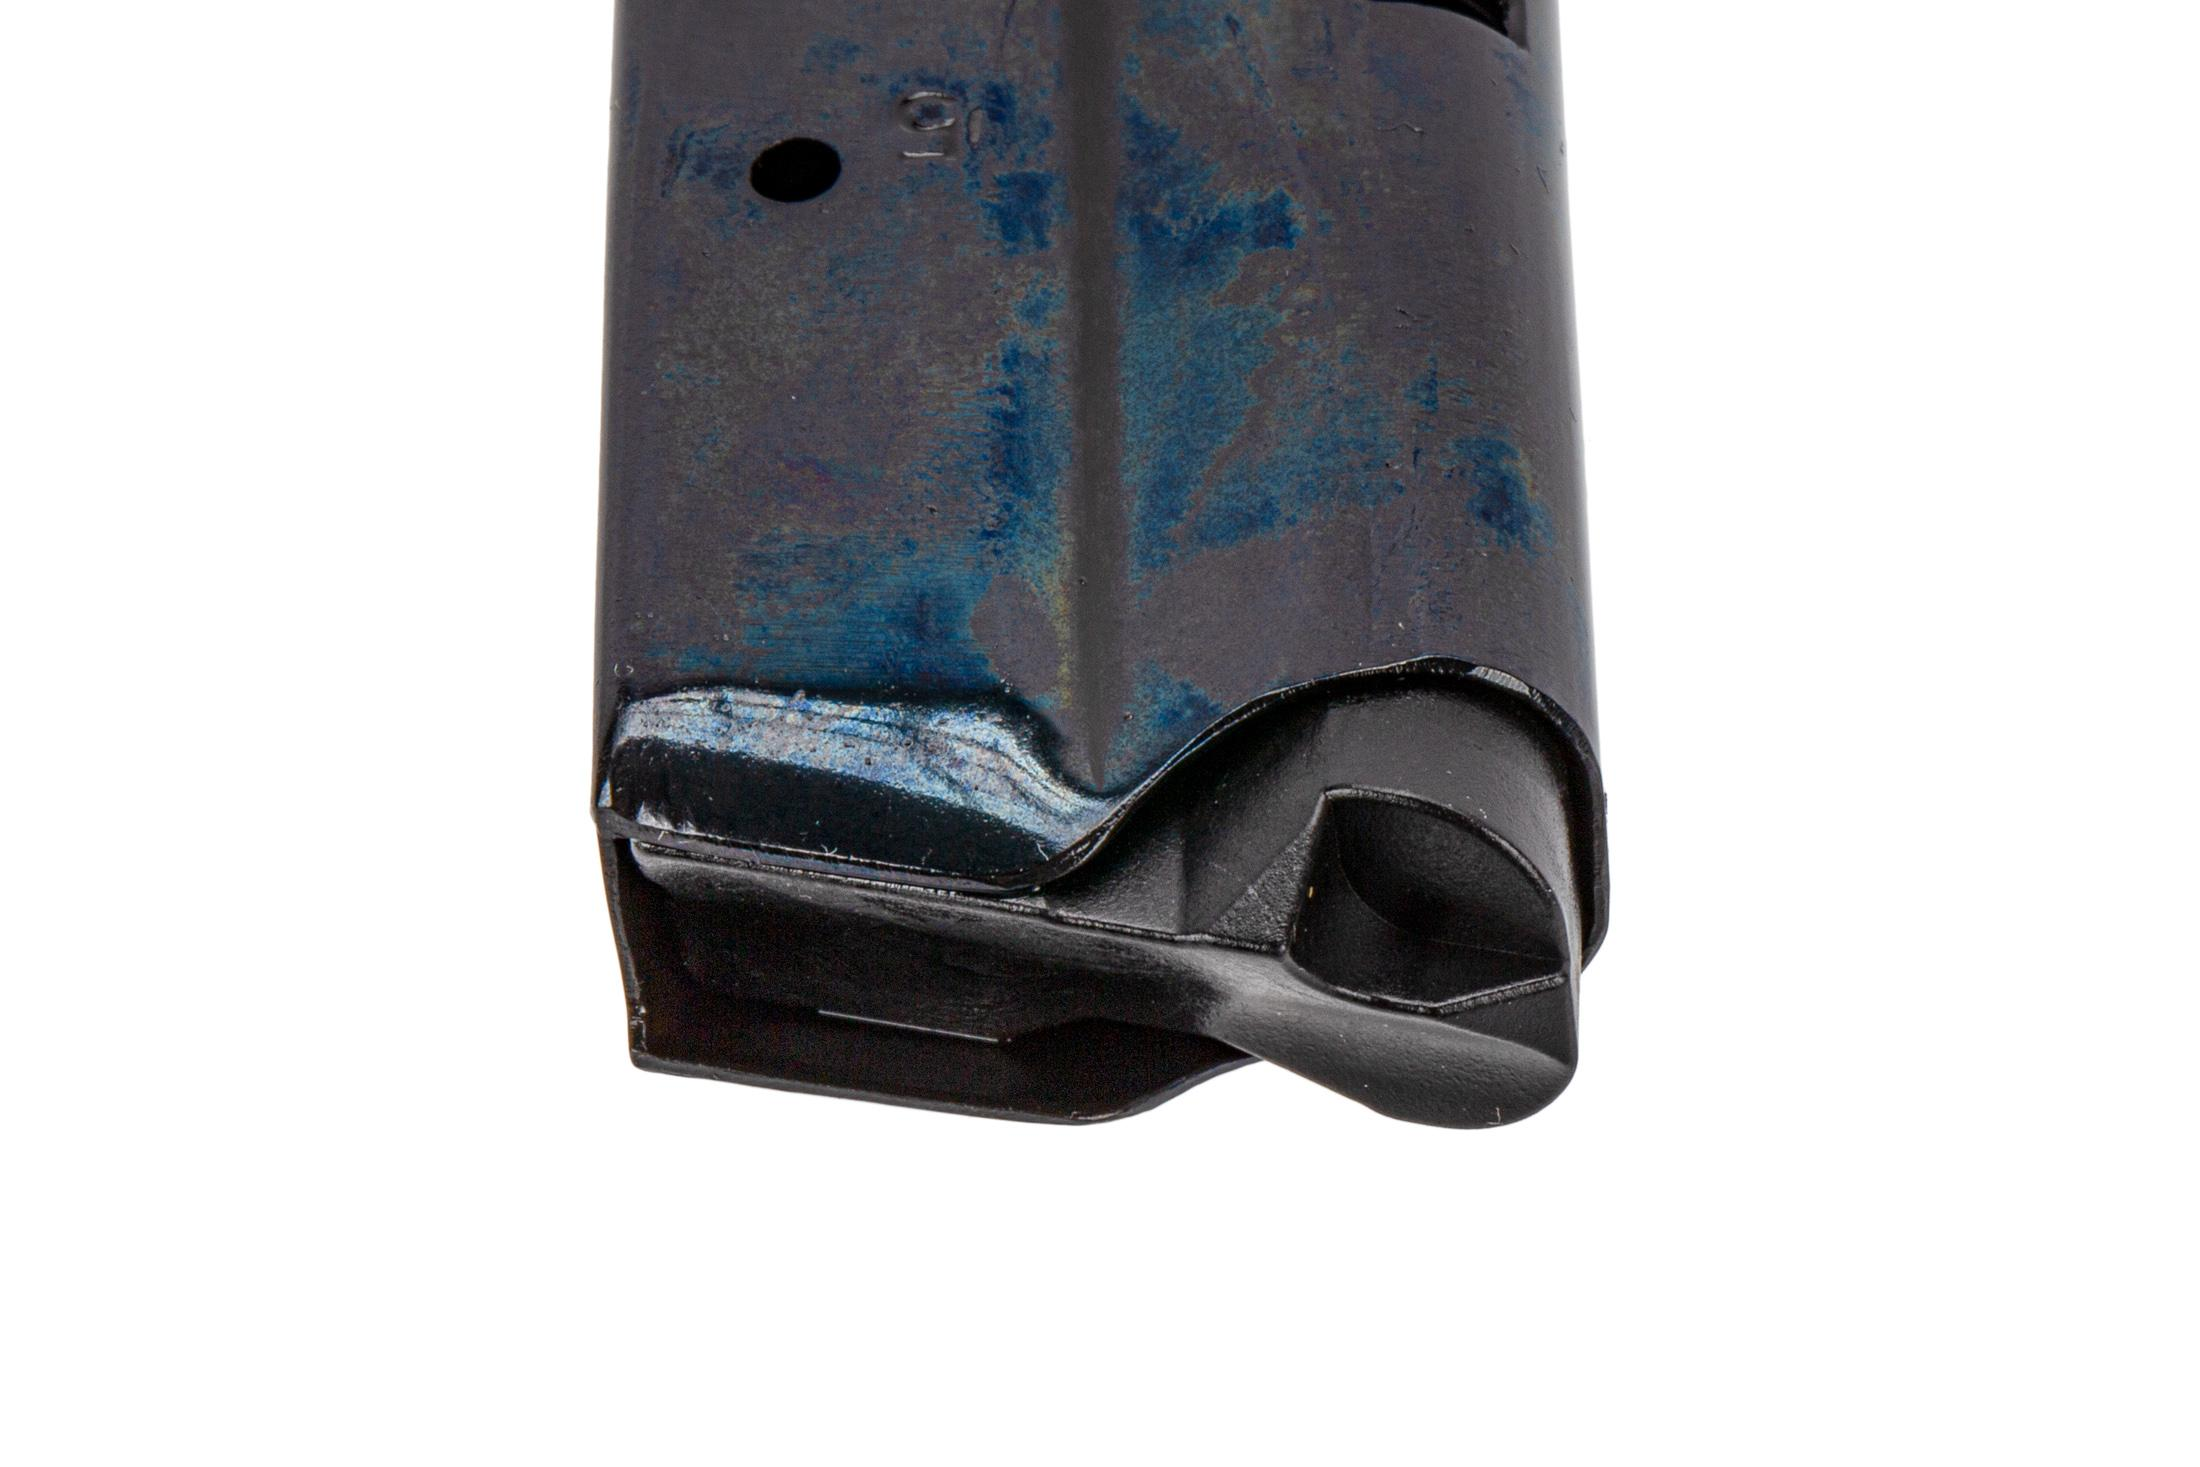 CZ USA CZ 75 SP-01 18-Round 9mm Magazine